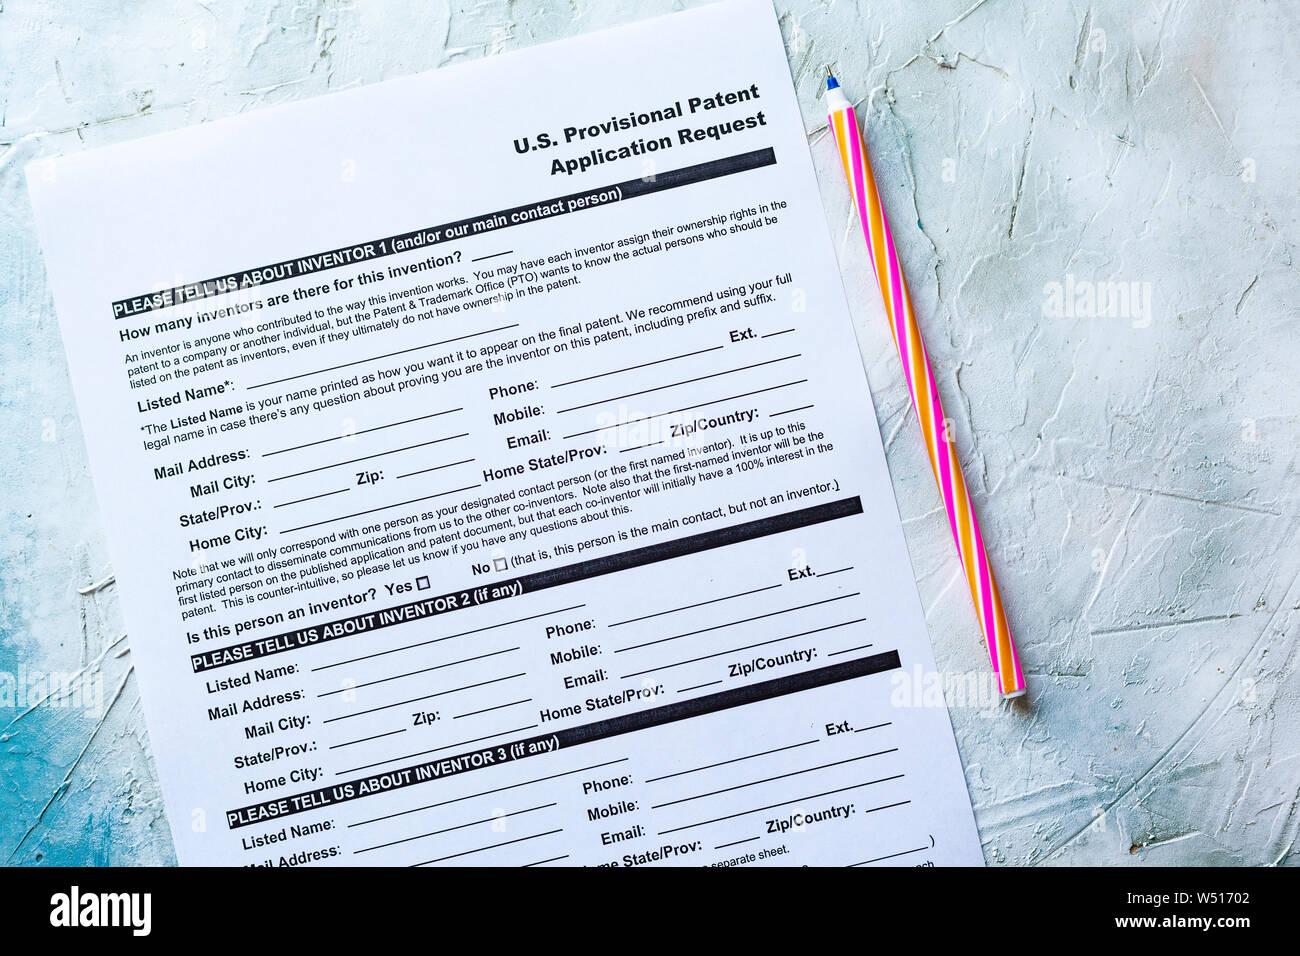 Llenar solicitud provisional de patente de EE.UU. formulario de solicitud Foto de stock